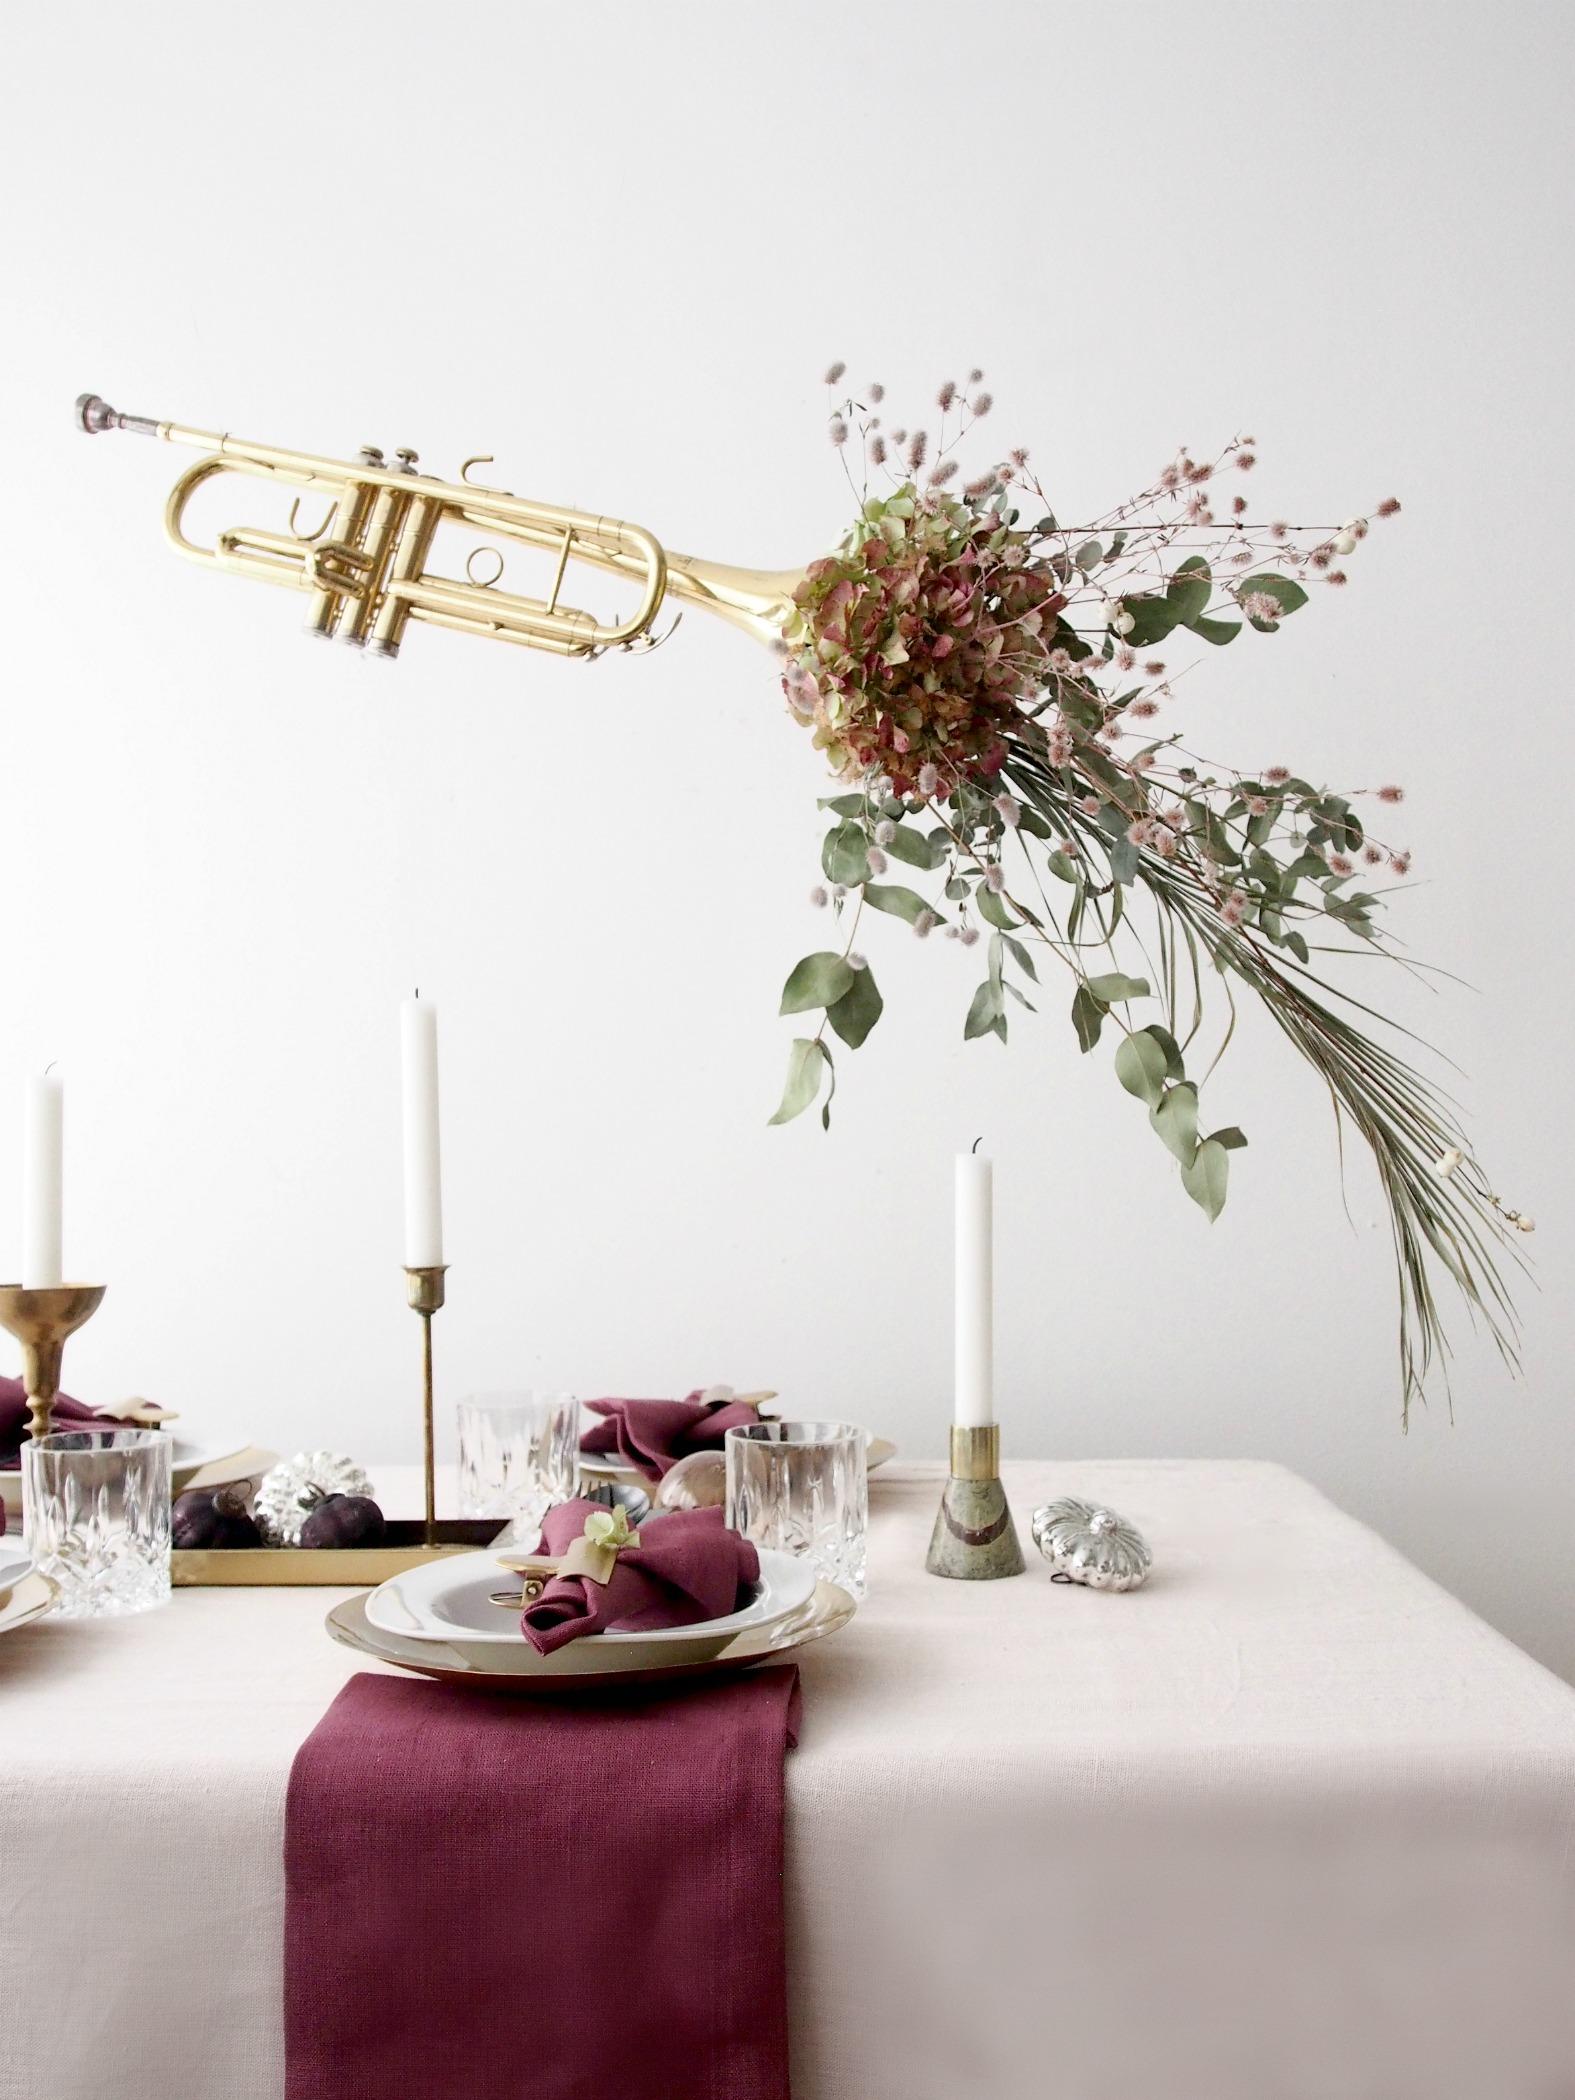 DIY Christmas Table Setting Ideas